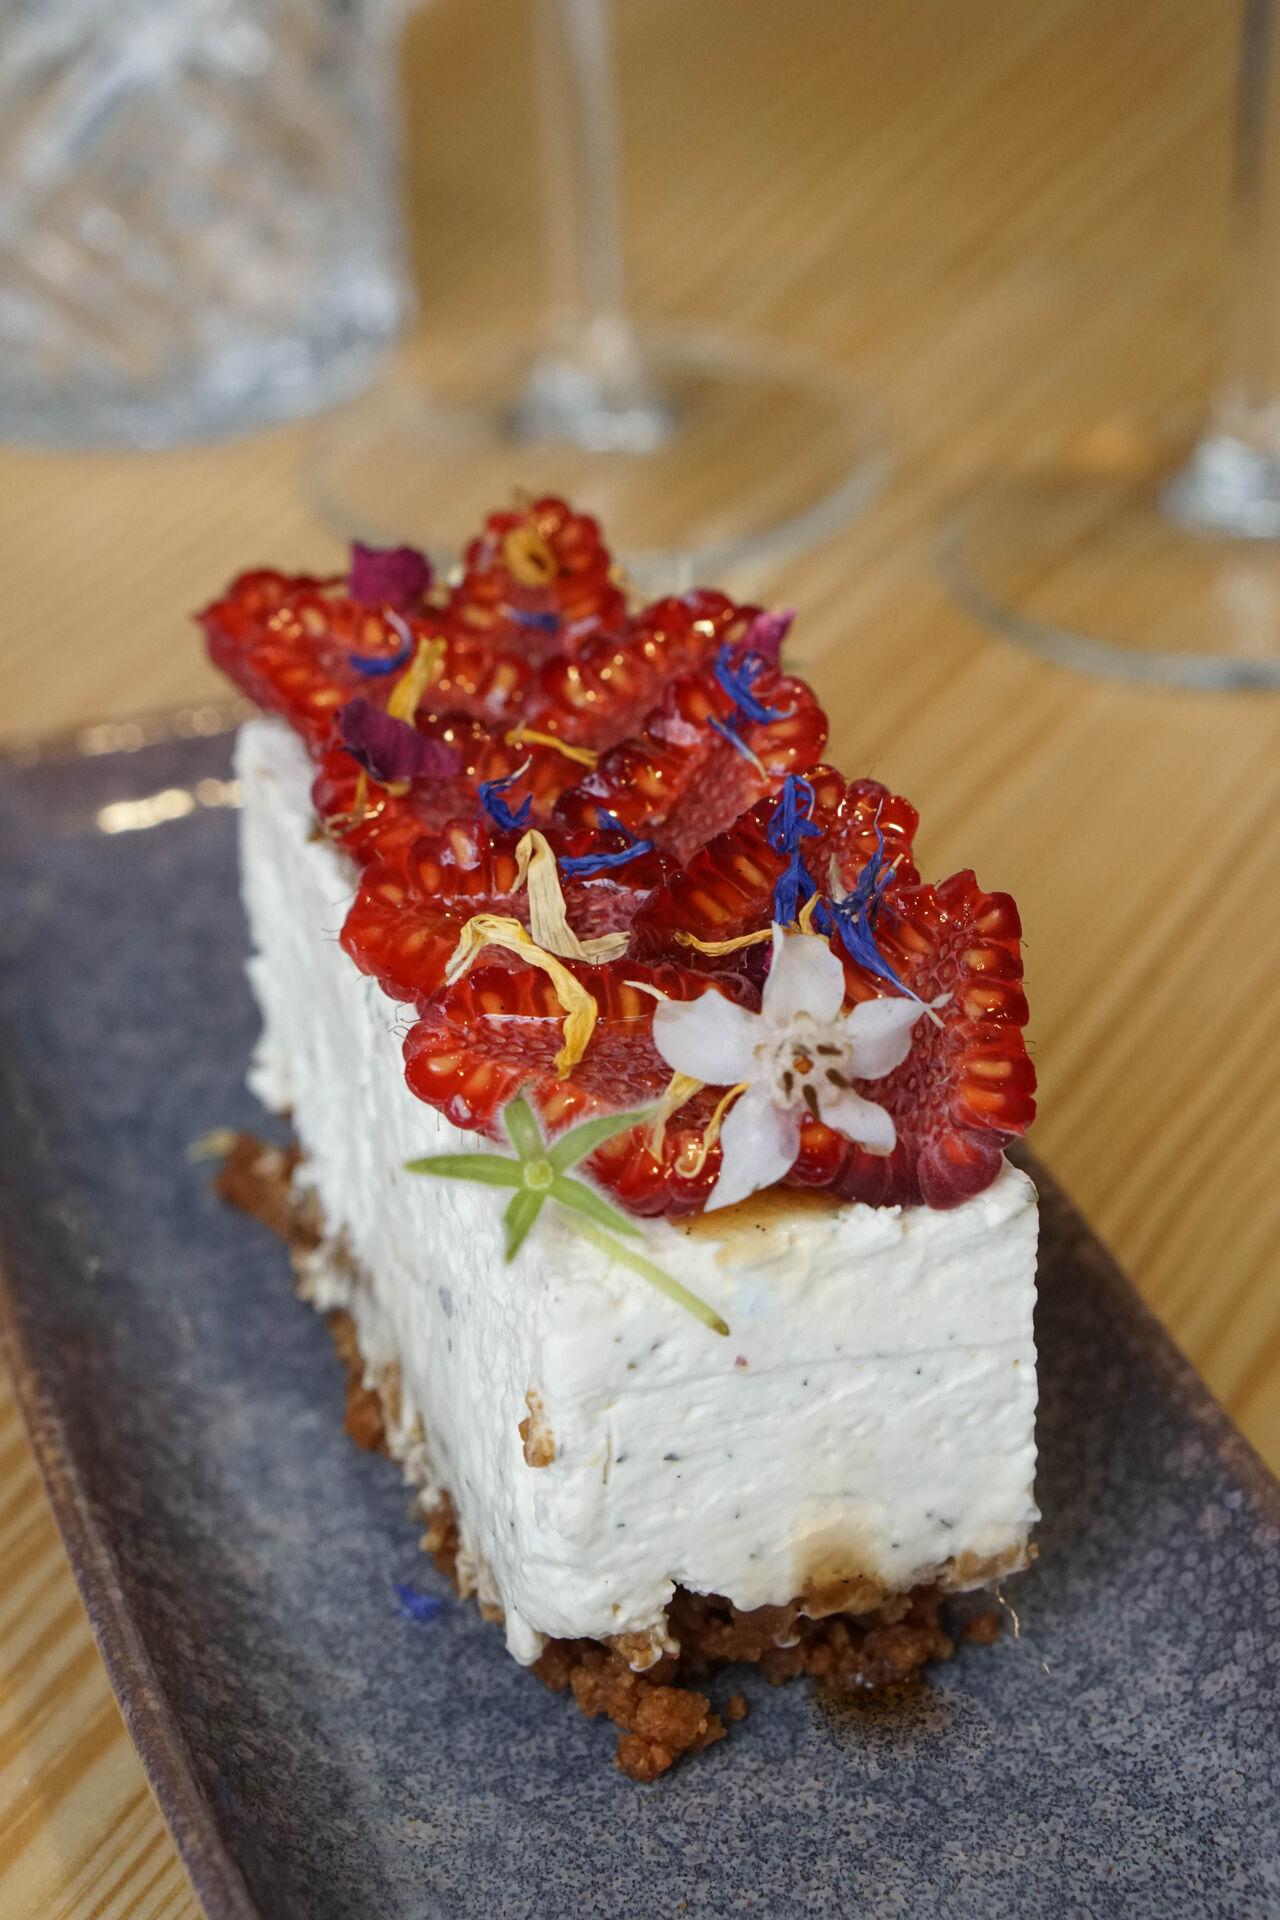 Cheesecake sans cuisson, framboises fraiches